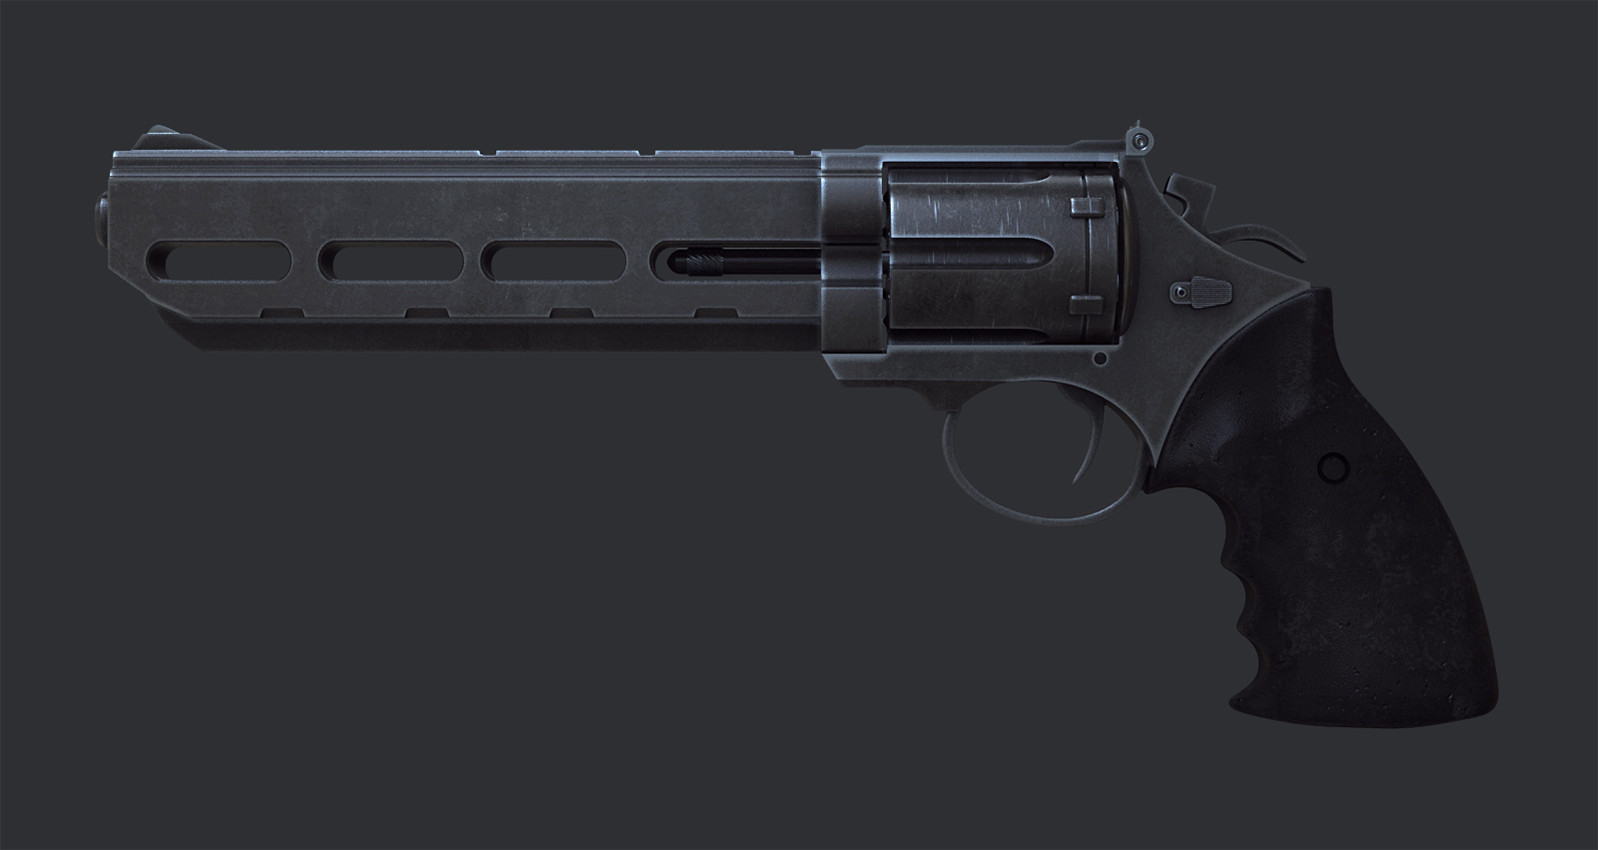 Ste flack kellogg s pistol02